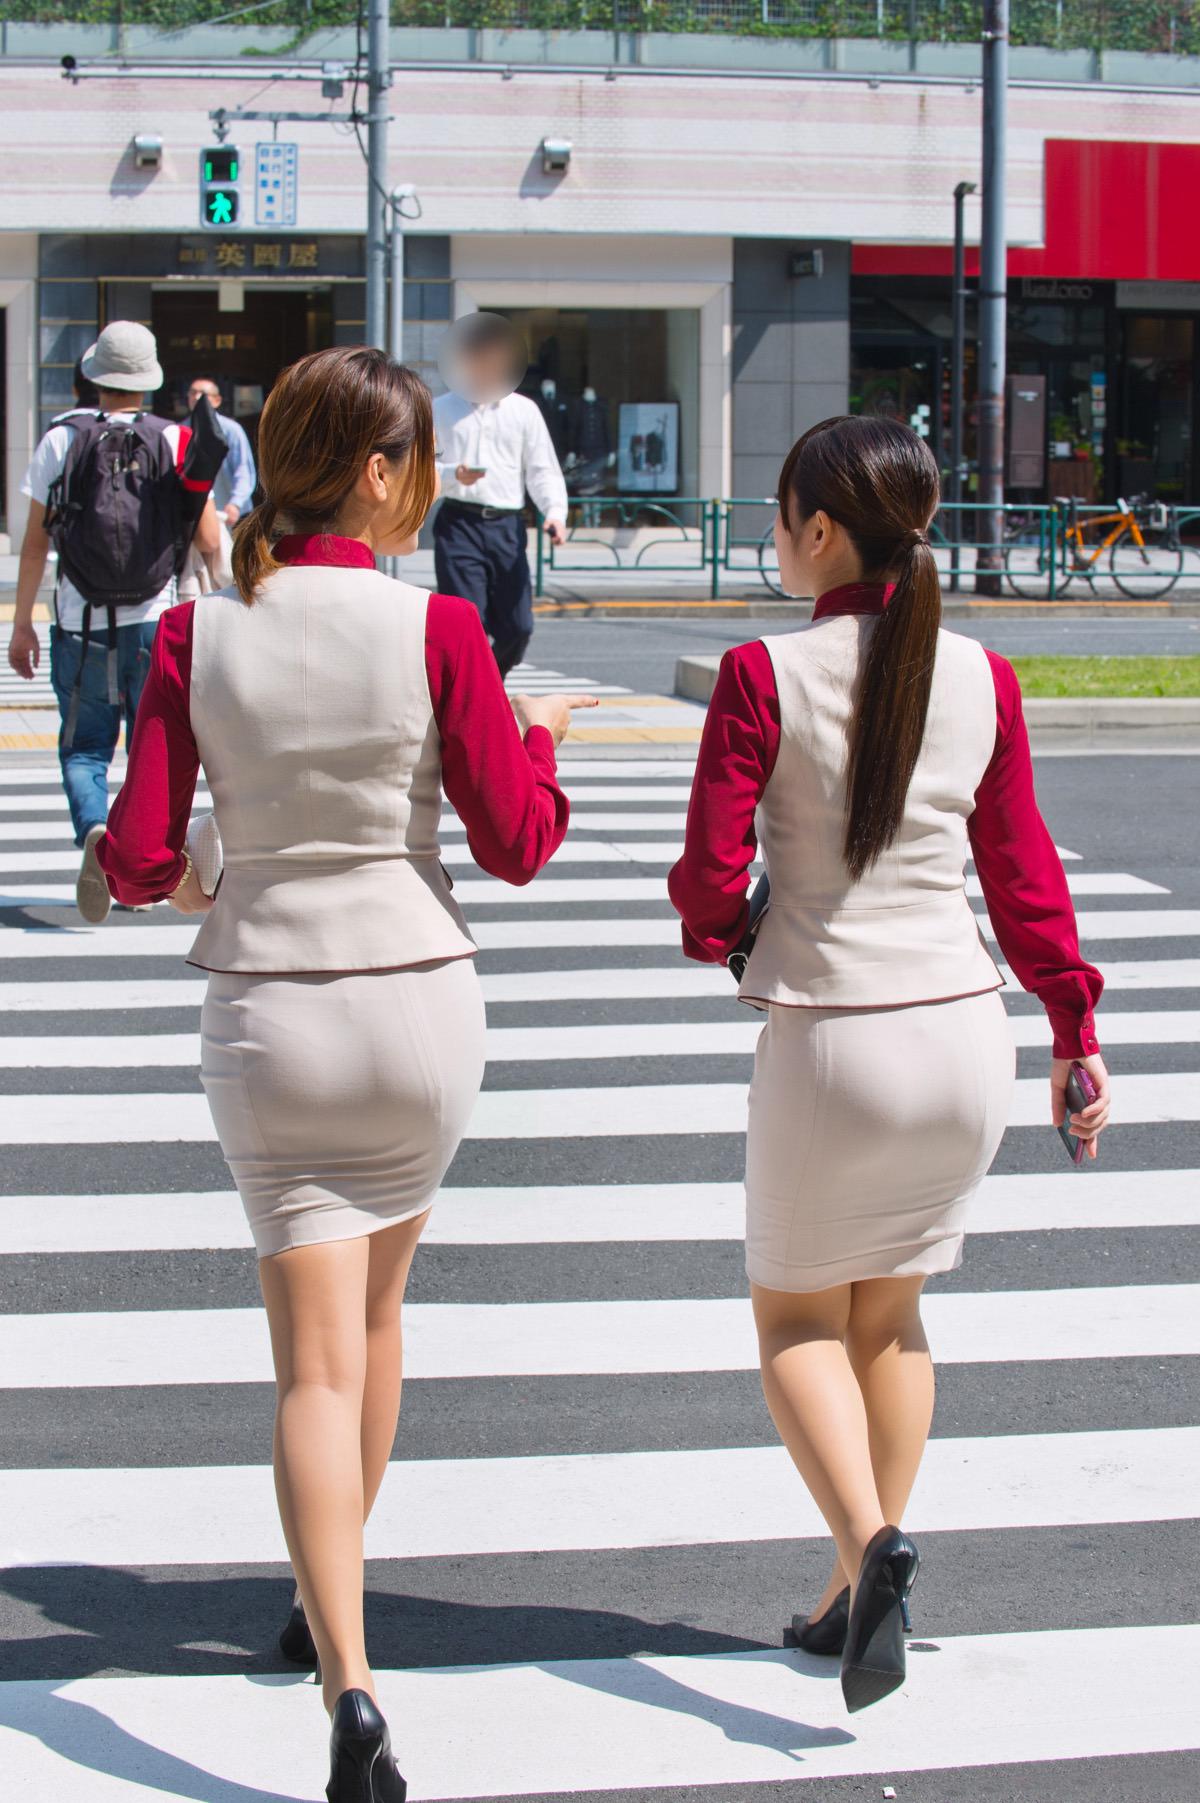 【画像】東京のOLさん、スケベすぎる